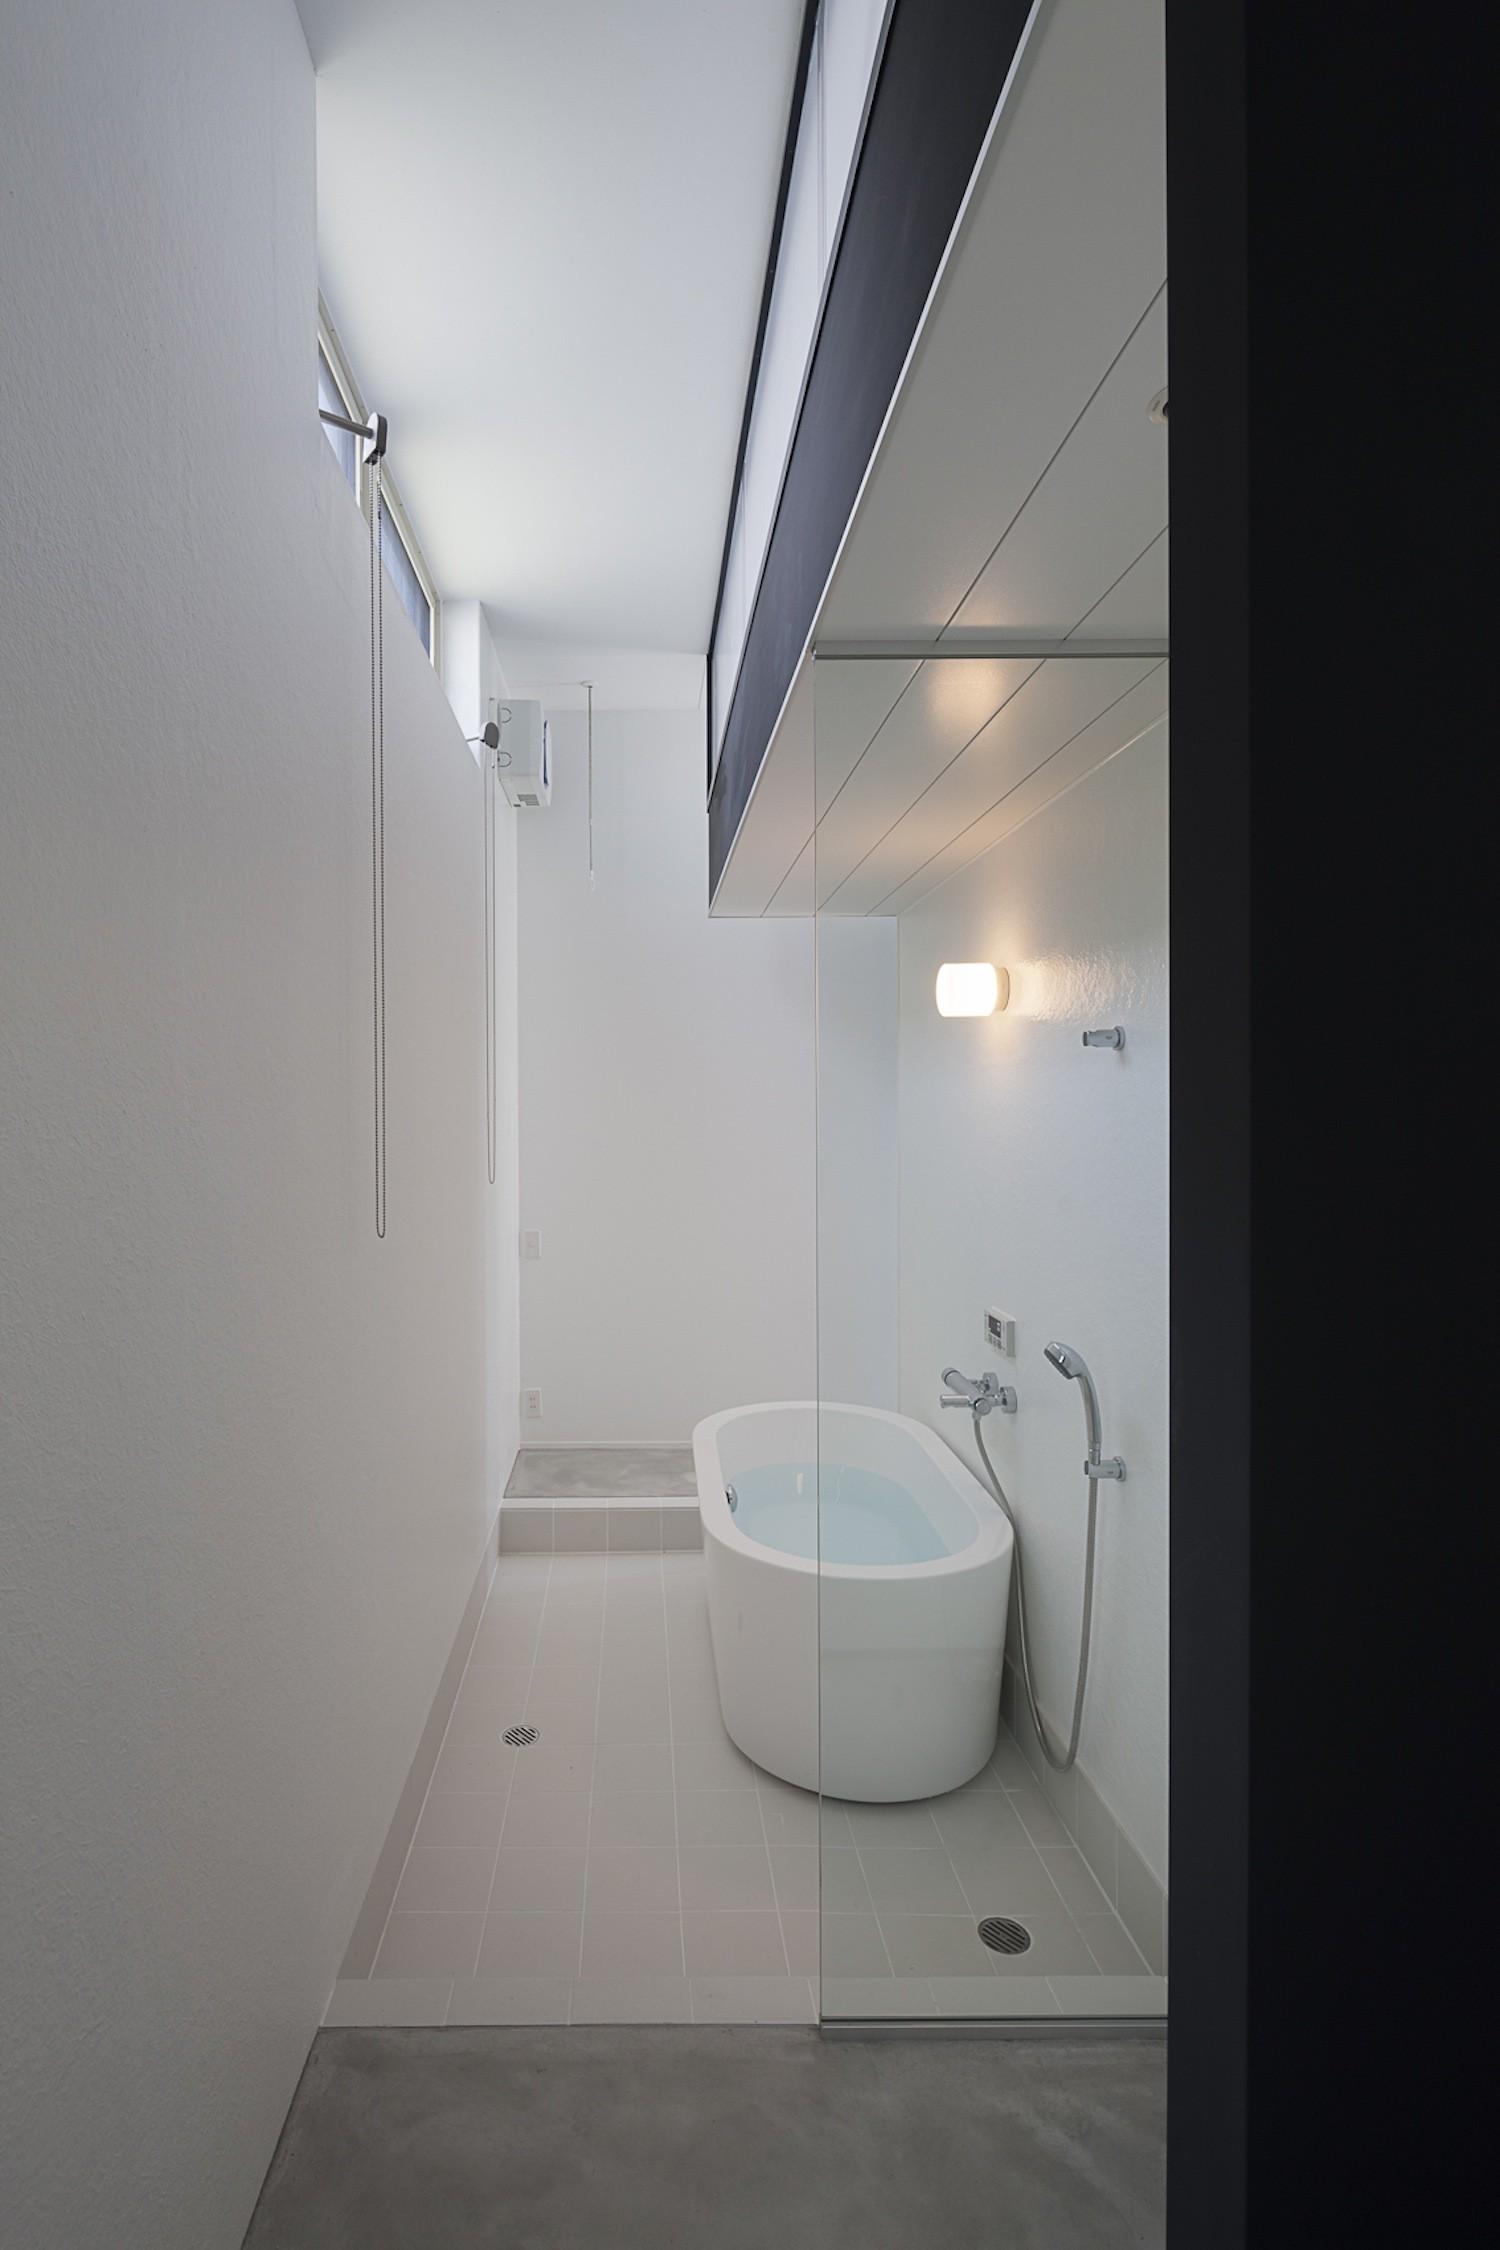 バス/トイレ事例:置きバスのある浴室(ハコノオウチ03 スモールオフィスのある家)